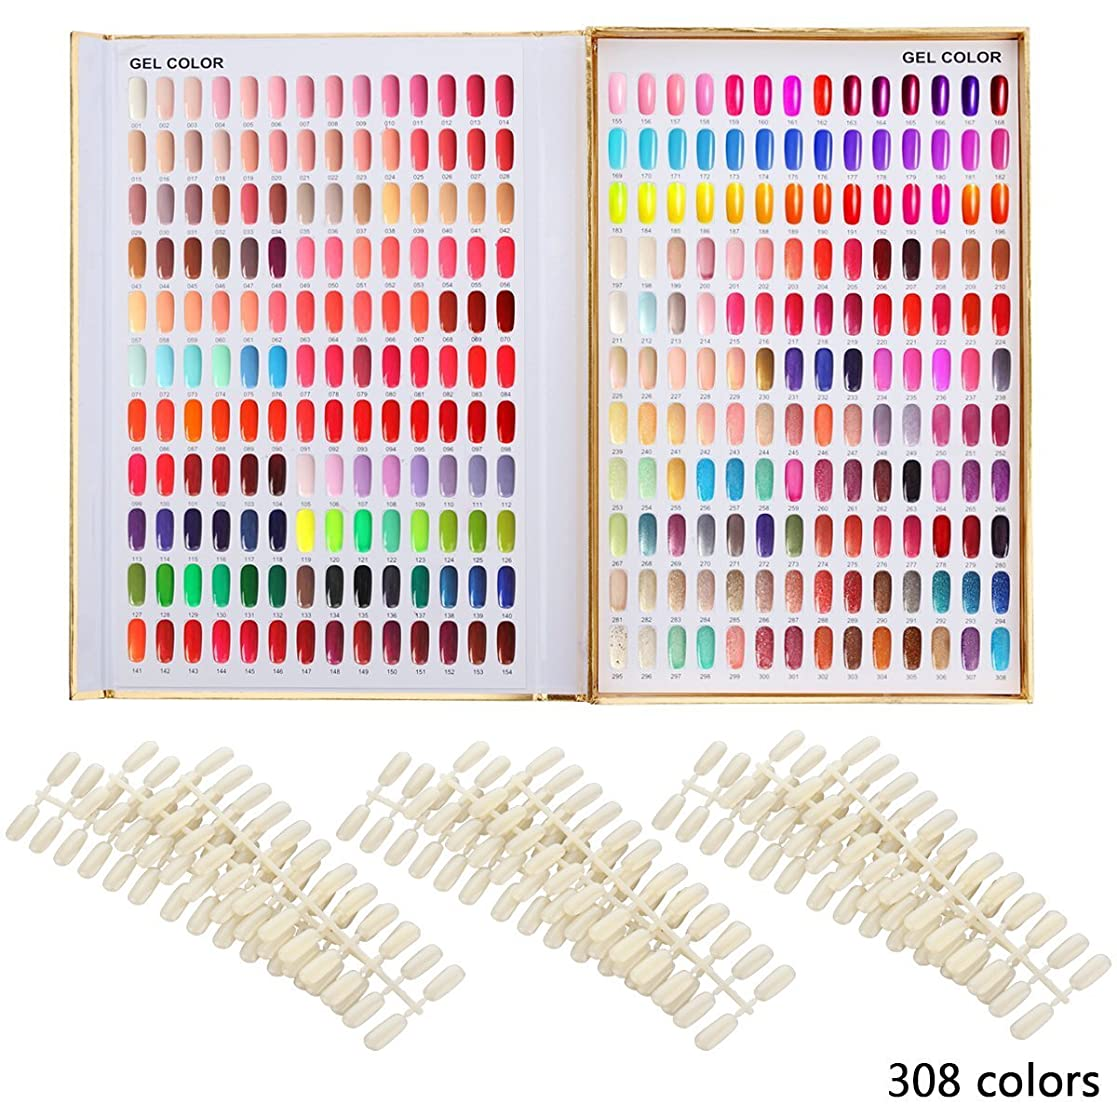 エキゾチック最大化するアコードカラーチャート ブック ネイルマニキュアカラー色見本 120色/216色/308色 サンプル帳/色見本帳 ゴールデン (308)